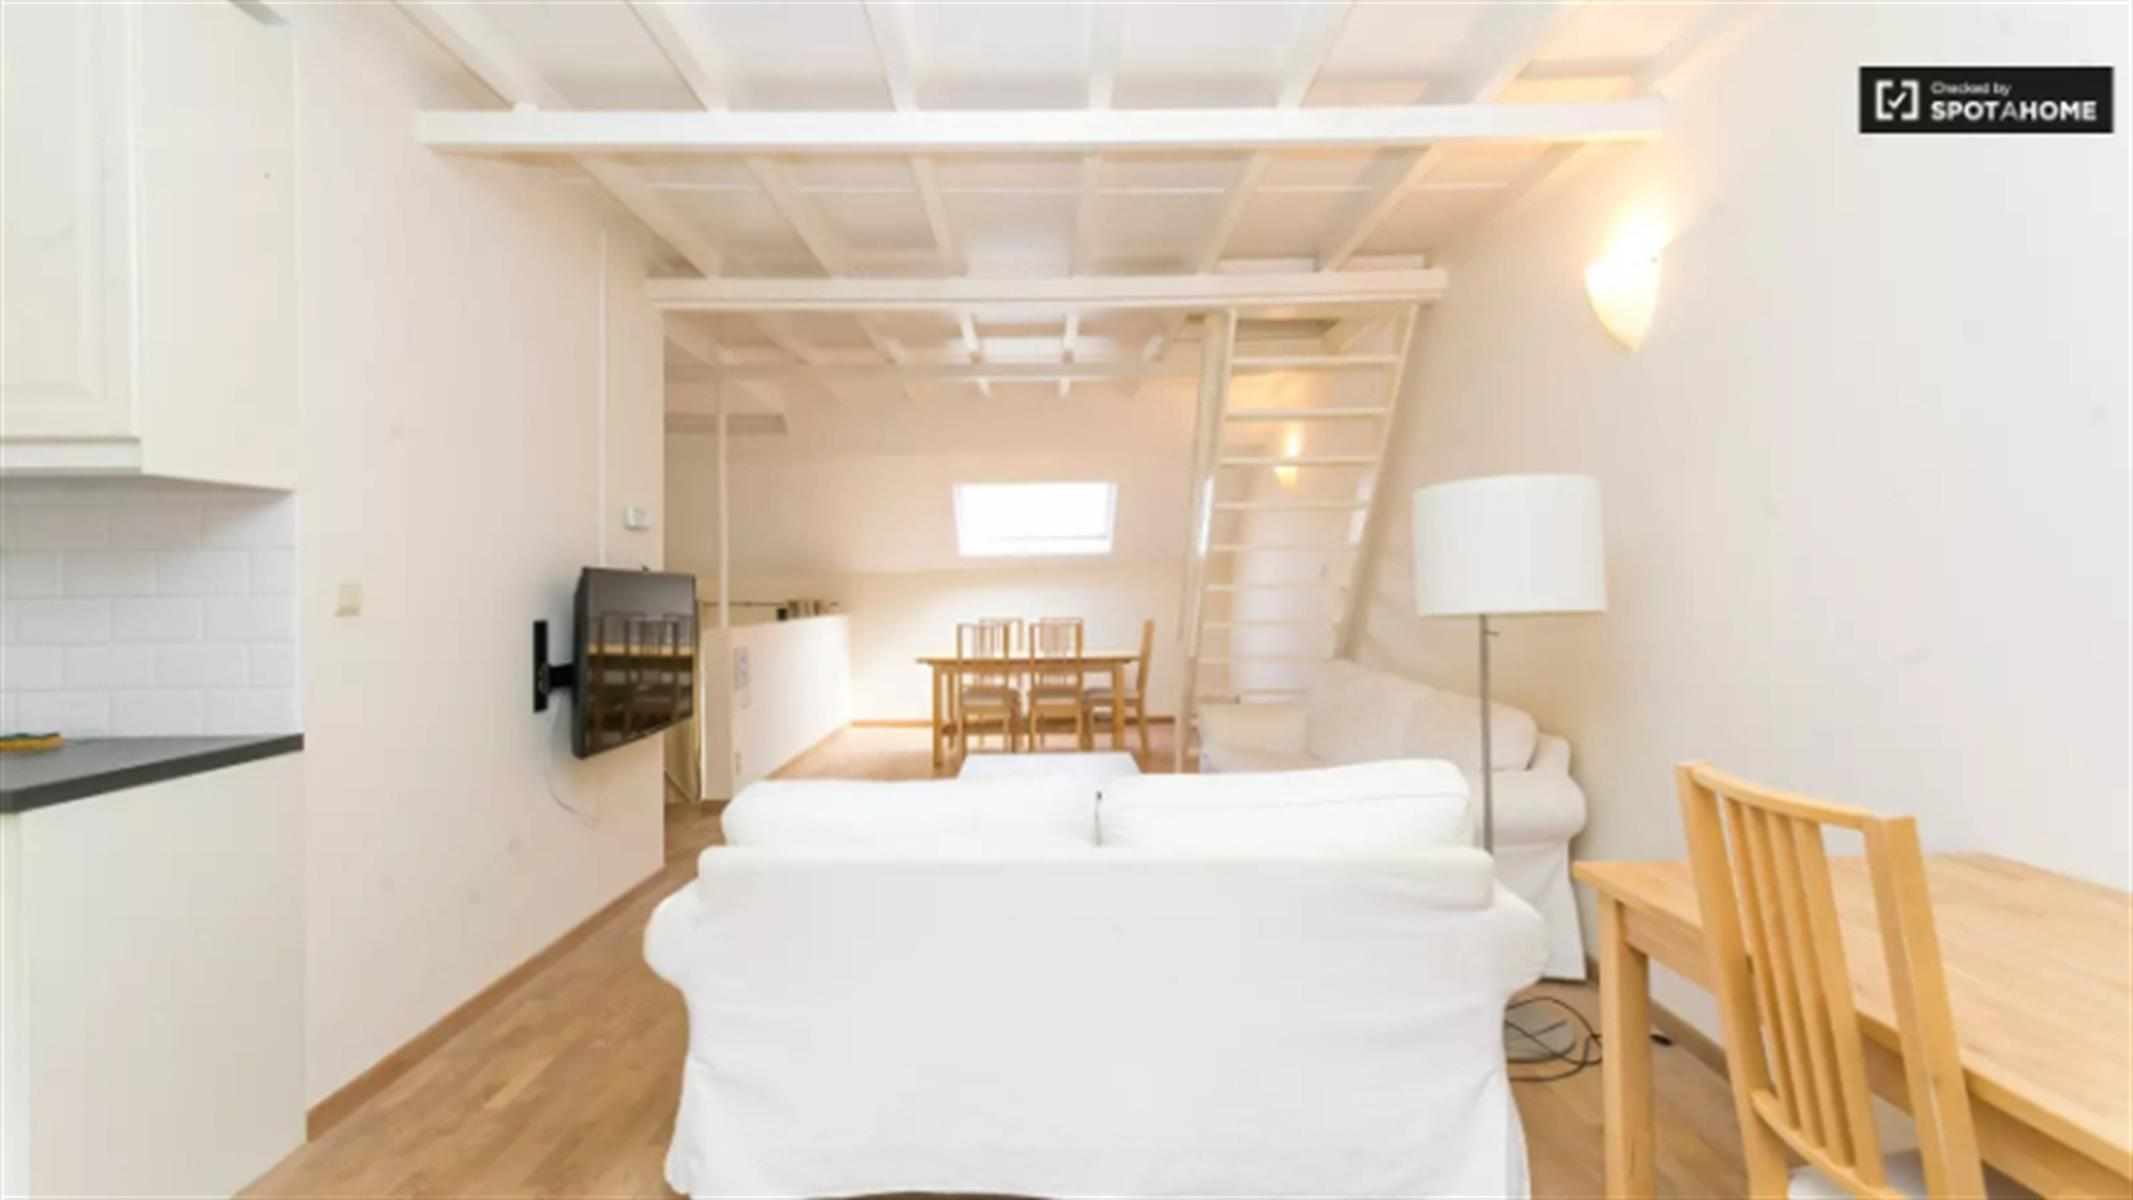 Appartement - Ixelles - #4150592-2